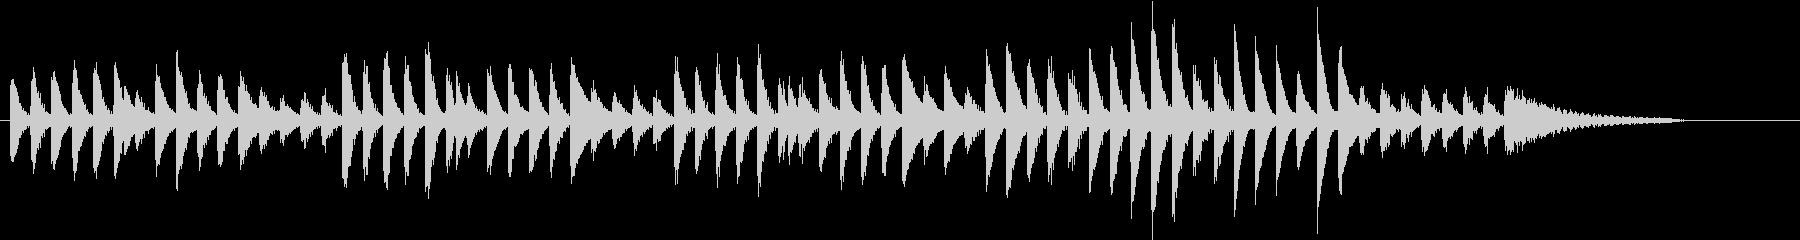 可愛く弾み踊る冬のトキメキピアノジングルの未再生の波形